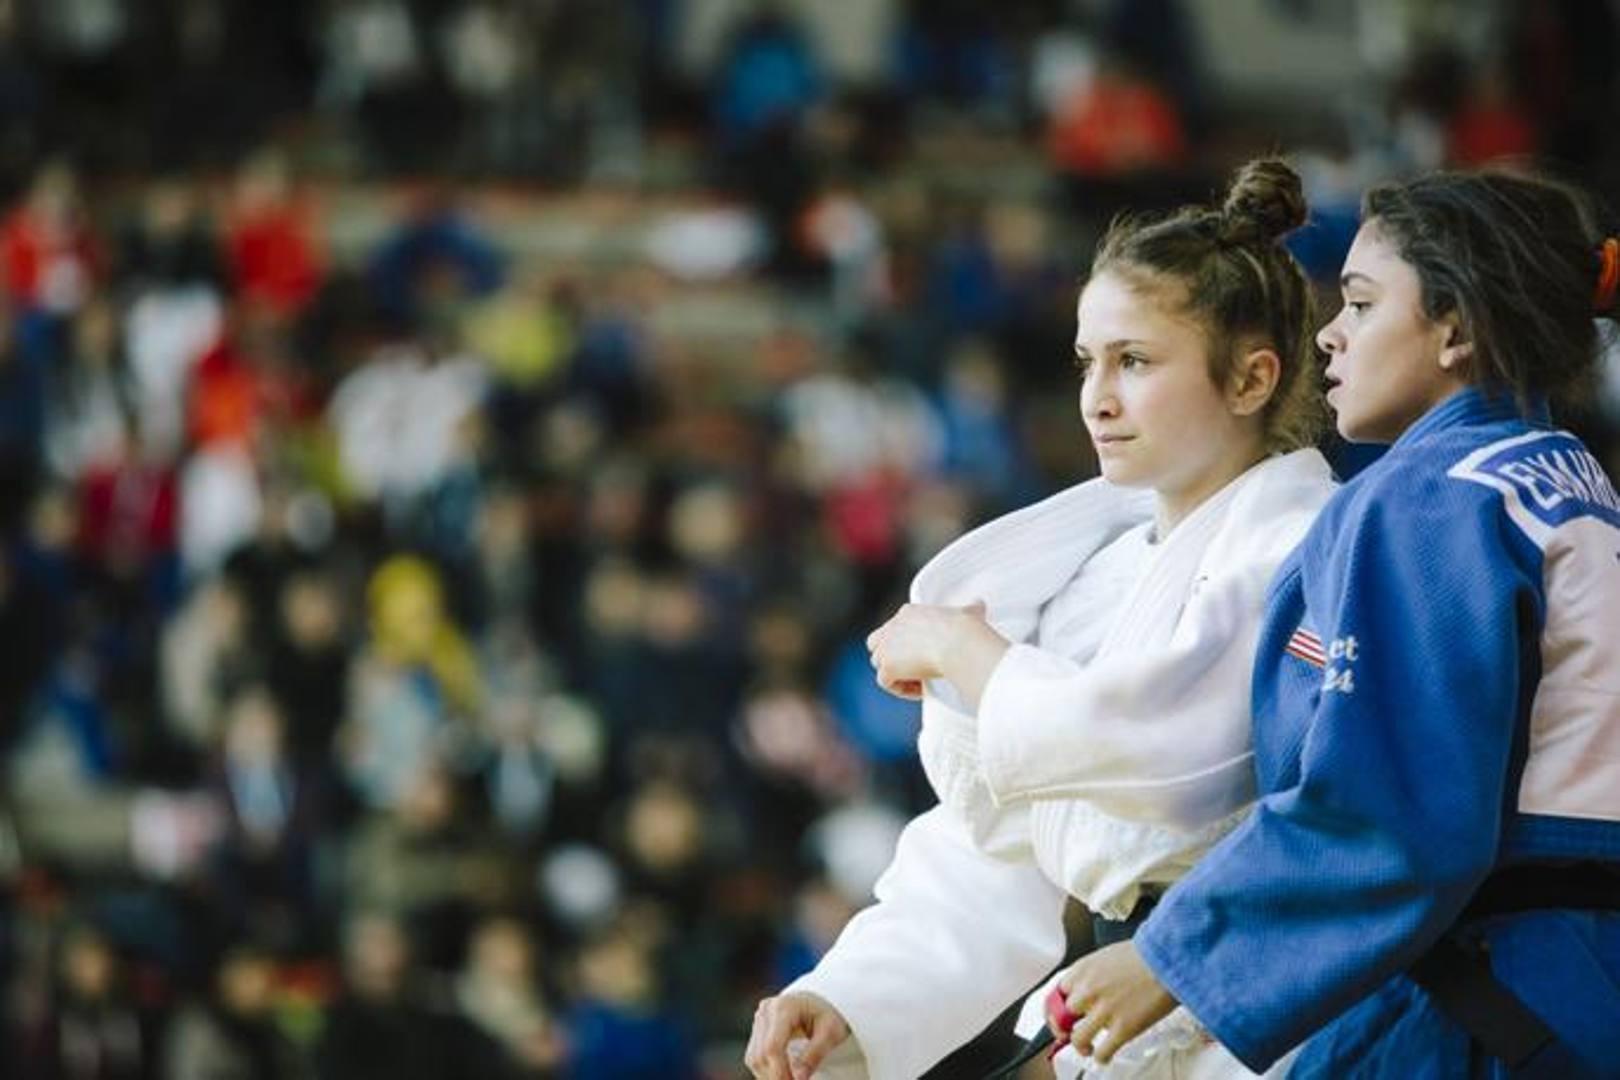 Immagini, emozioni, sorrisi, abbracci, azioni, esultanze catturate in 24 scatti capaci di sintetizzare due giornate di judo under 18 ad alto livello . Foto di Erika Zucchiatti